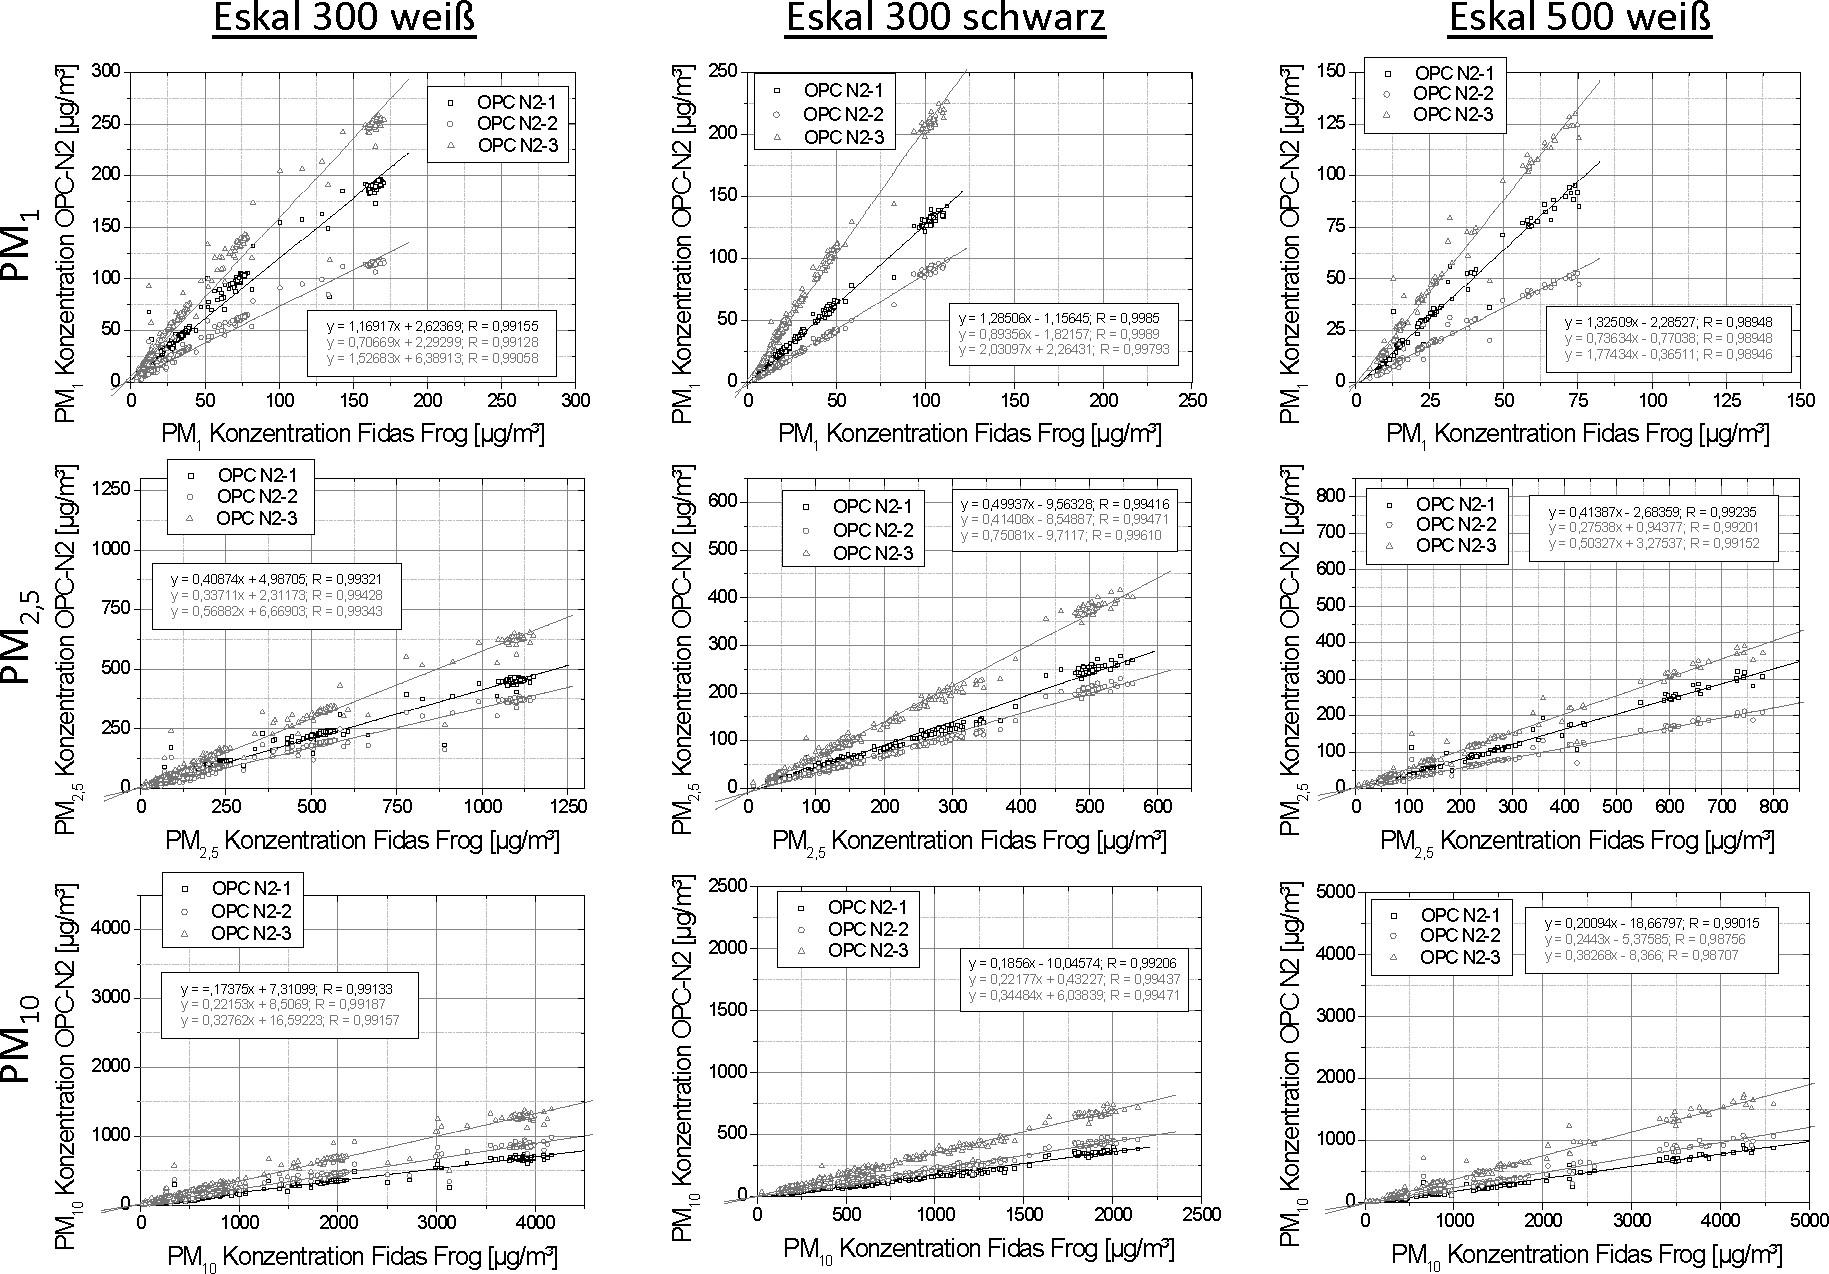 Bild 6. Korrelation der mit den Alphasense OPC-N2 und dem Fidas Frog gemessenen PM1 (oben), PM2,5 (Mitte) und PM10 (unten) Konzentrationen. Quelle: IUTA/IGF